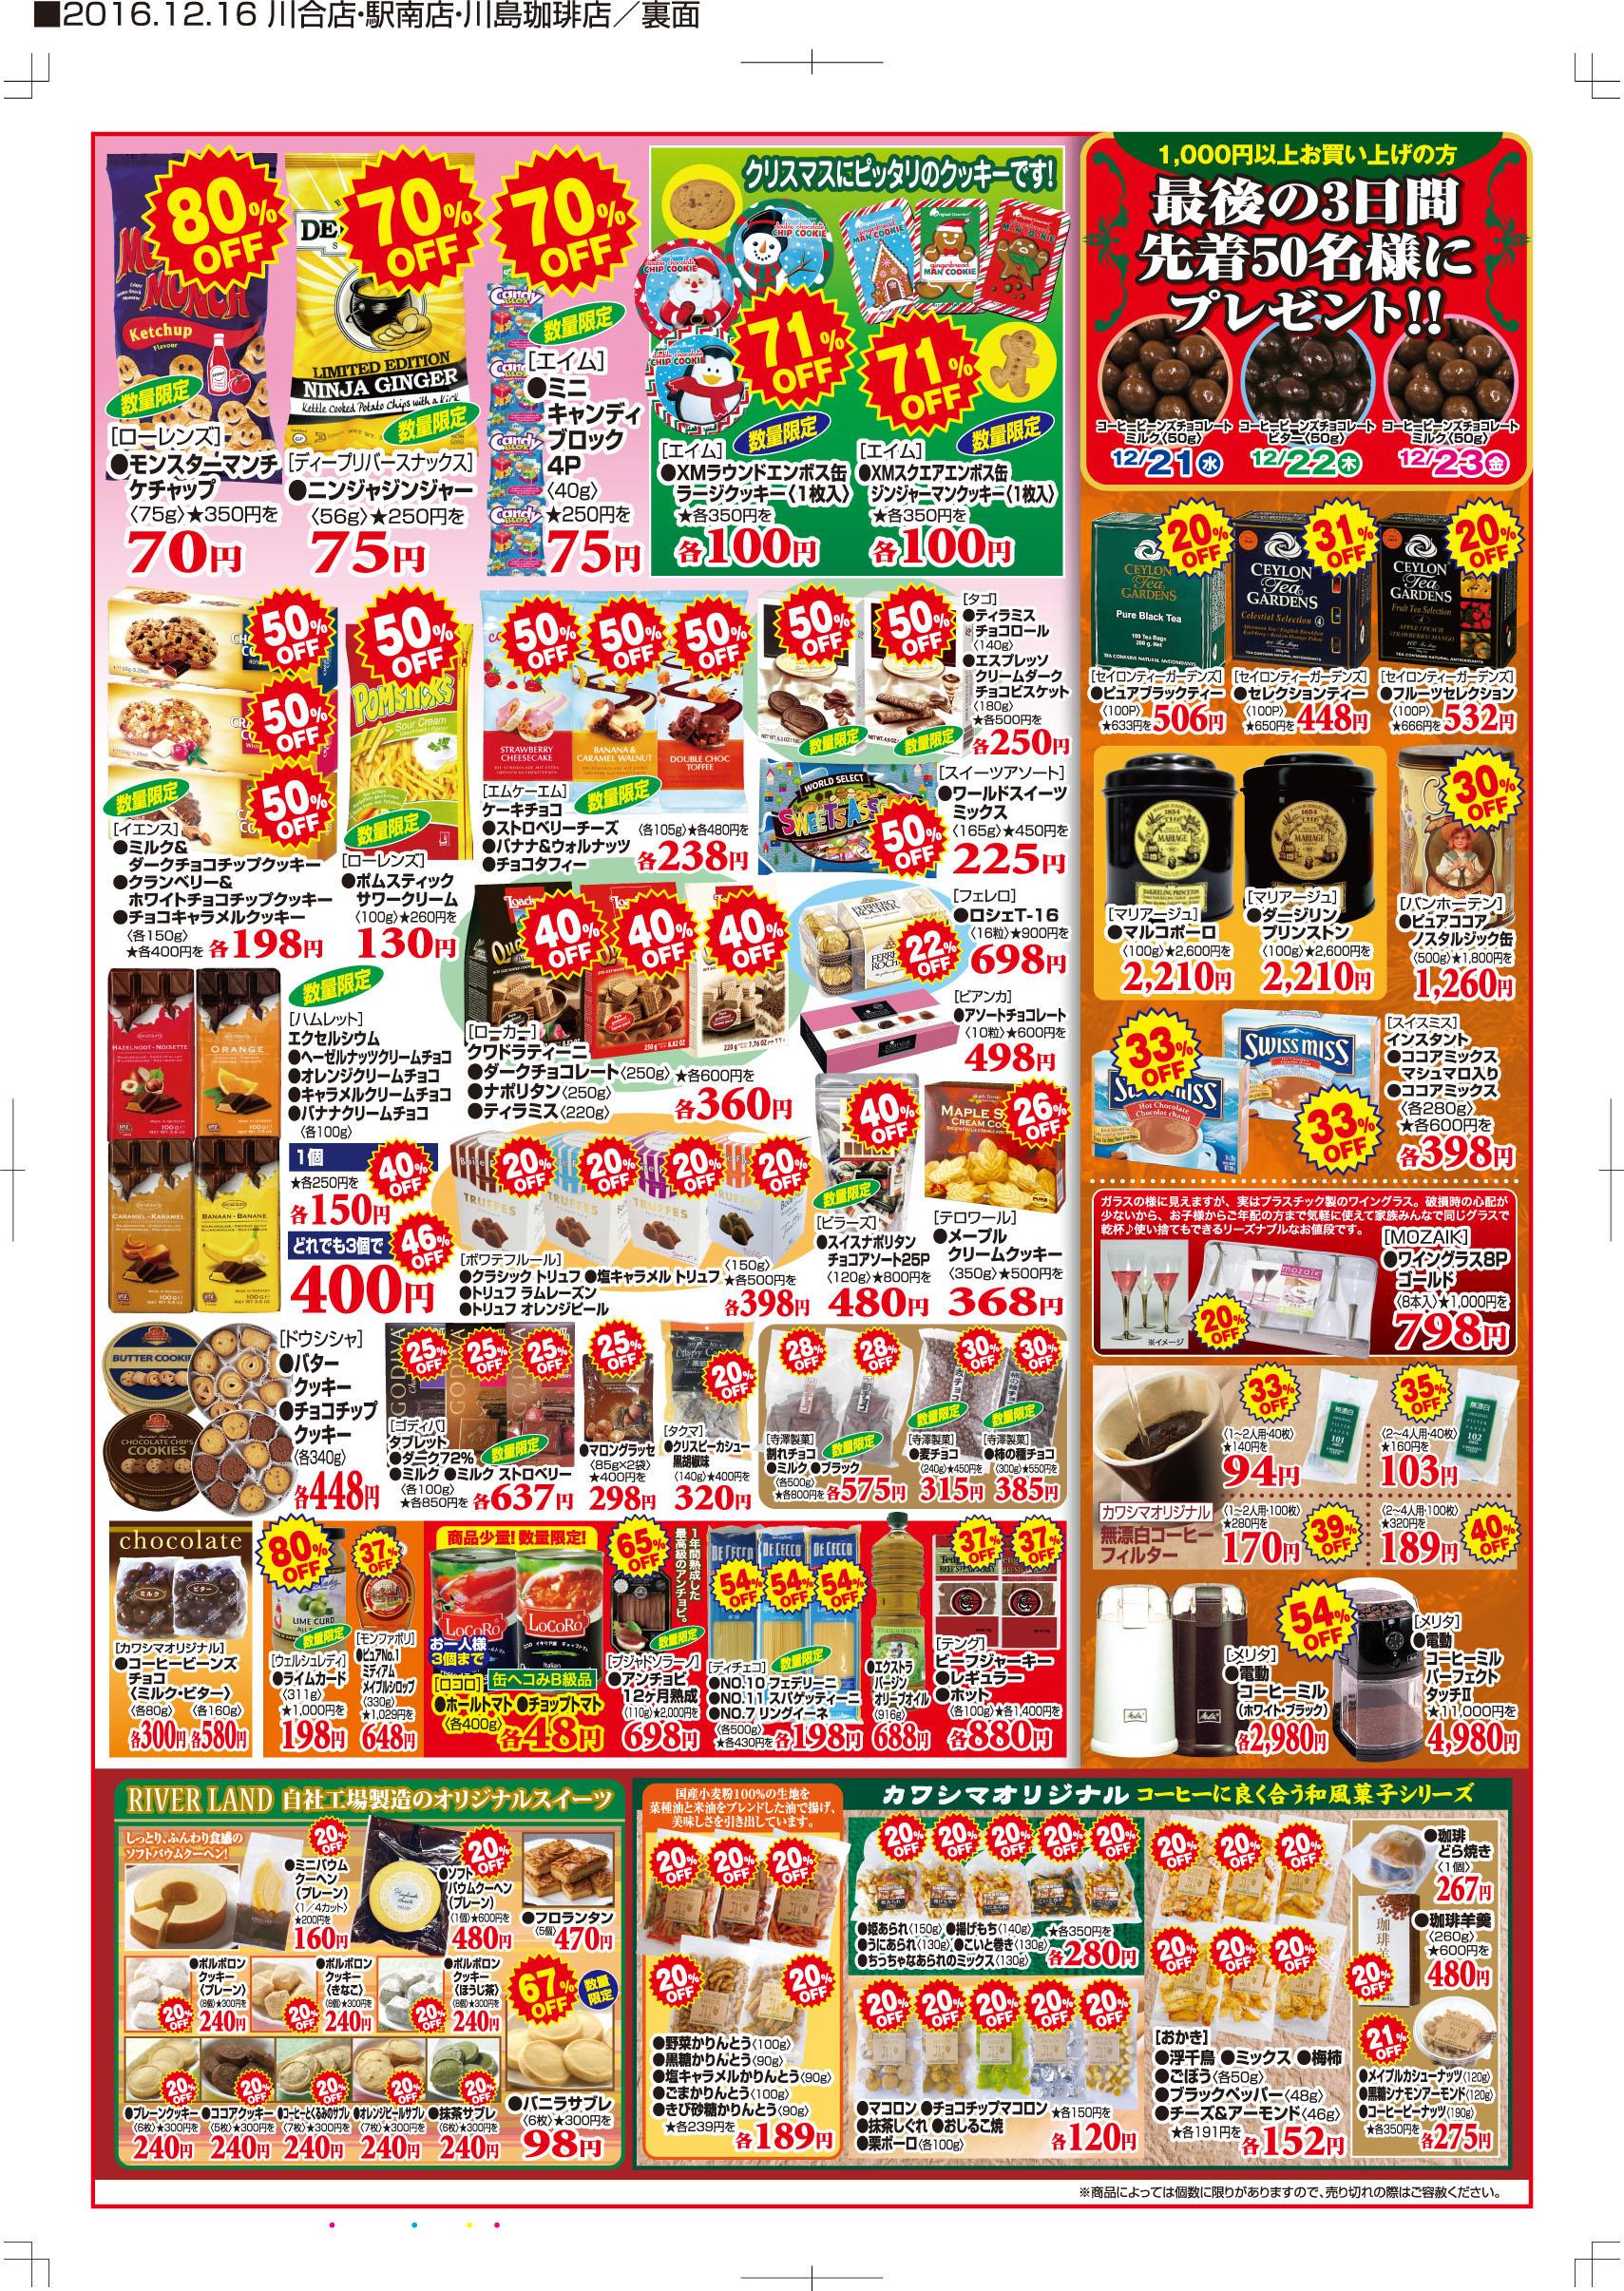 2016.12 3店舗合同裏面07